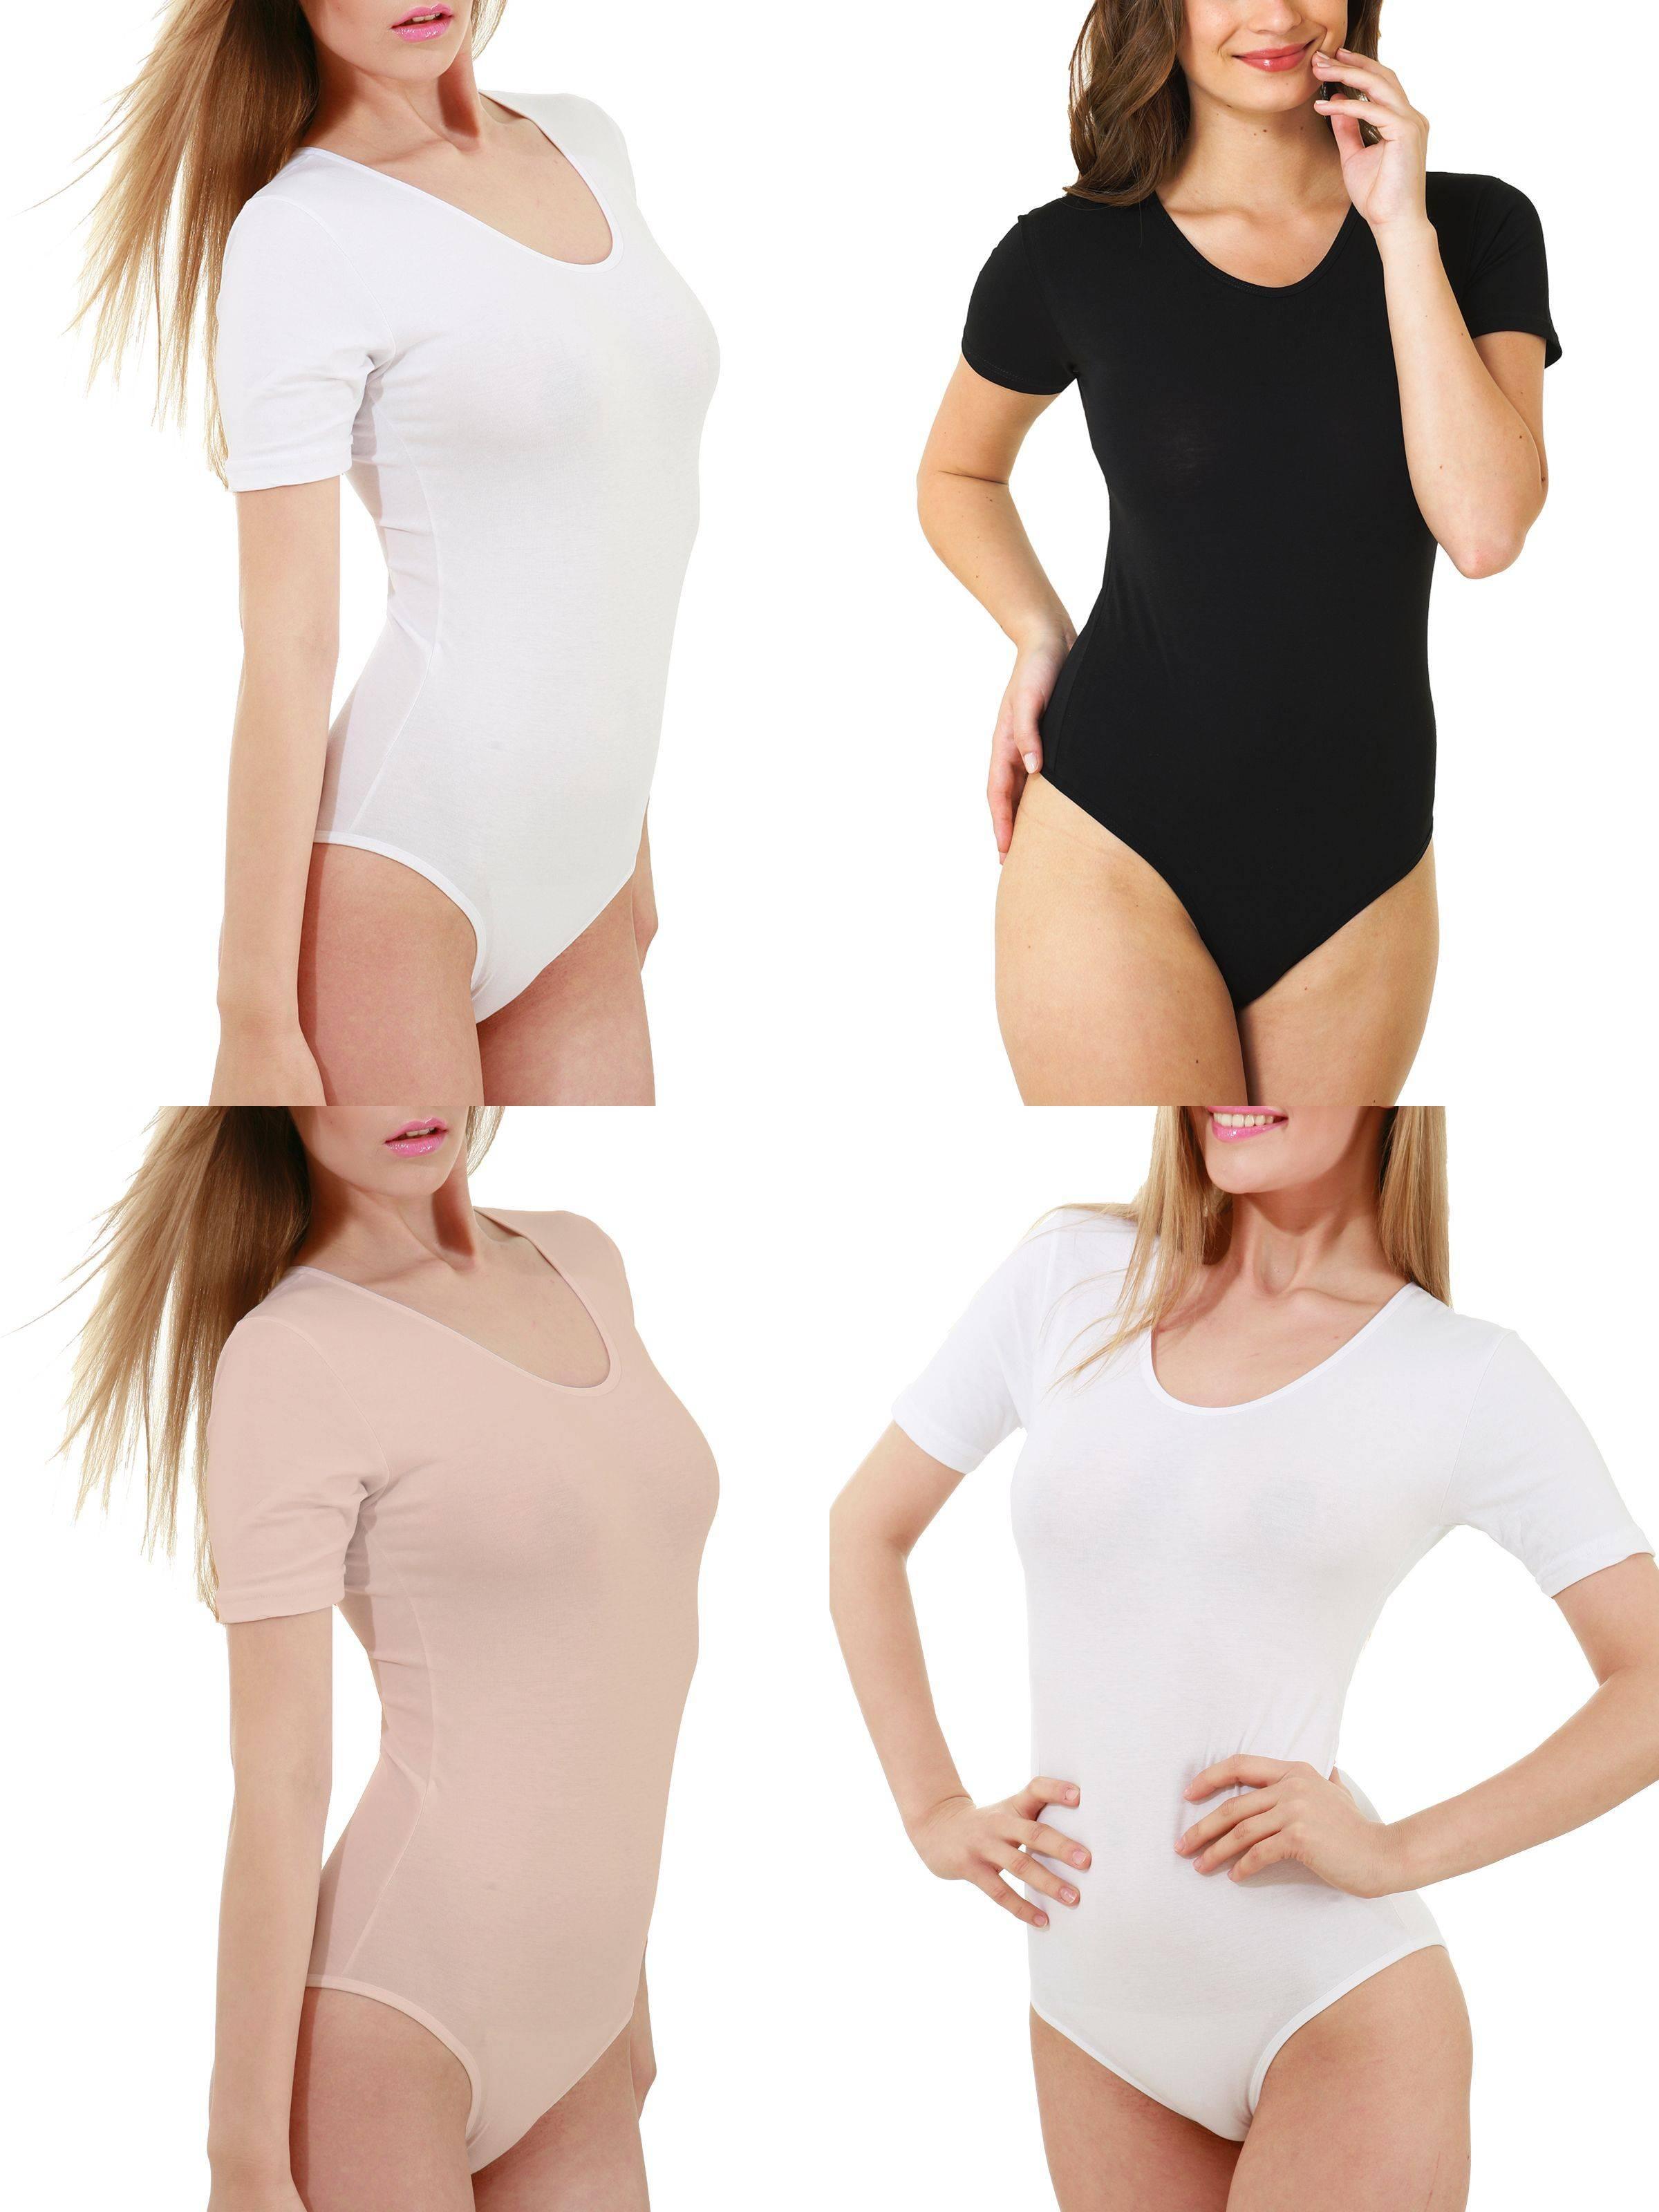 Kefali Body String Damenbody Unterwäsche Stringbody Unterhemd Top Bodies Schwarz